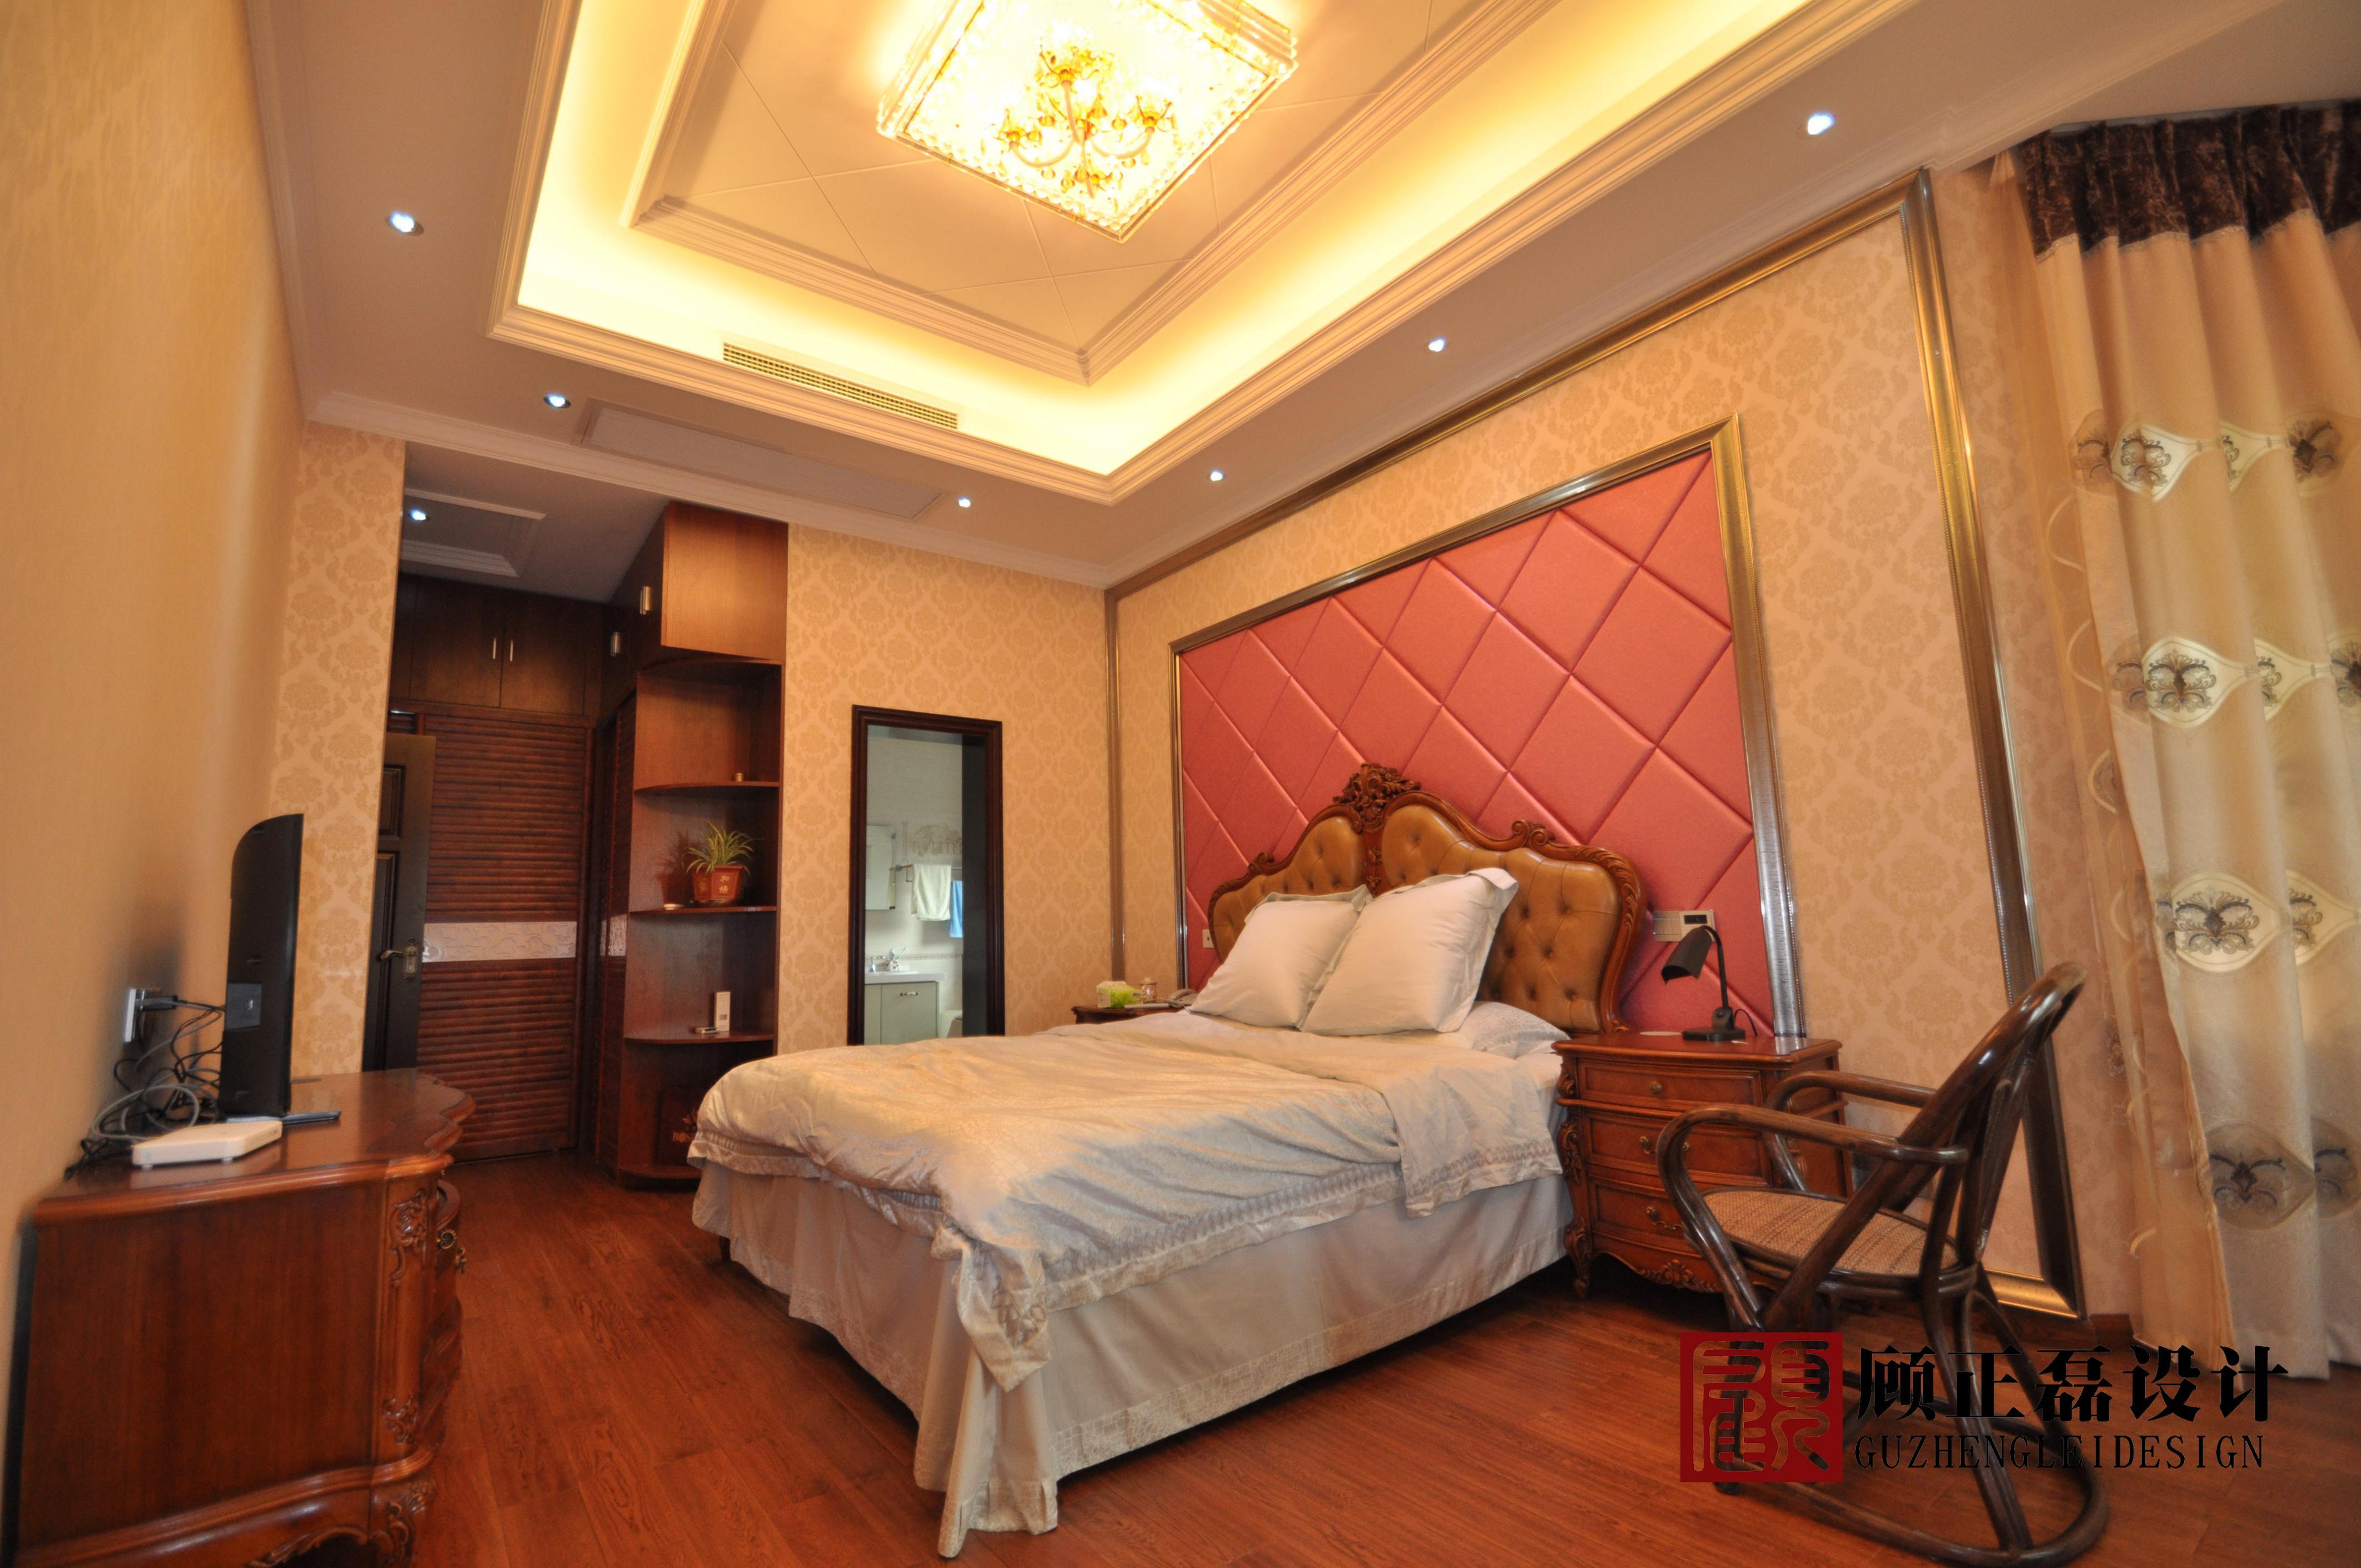 【顾正磊空间设计事务所】中南世纪城170平米挑高公寓欧式风格